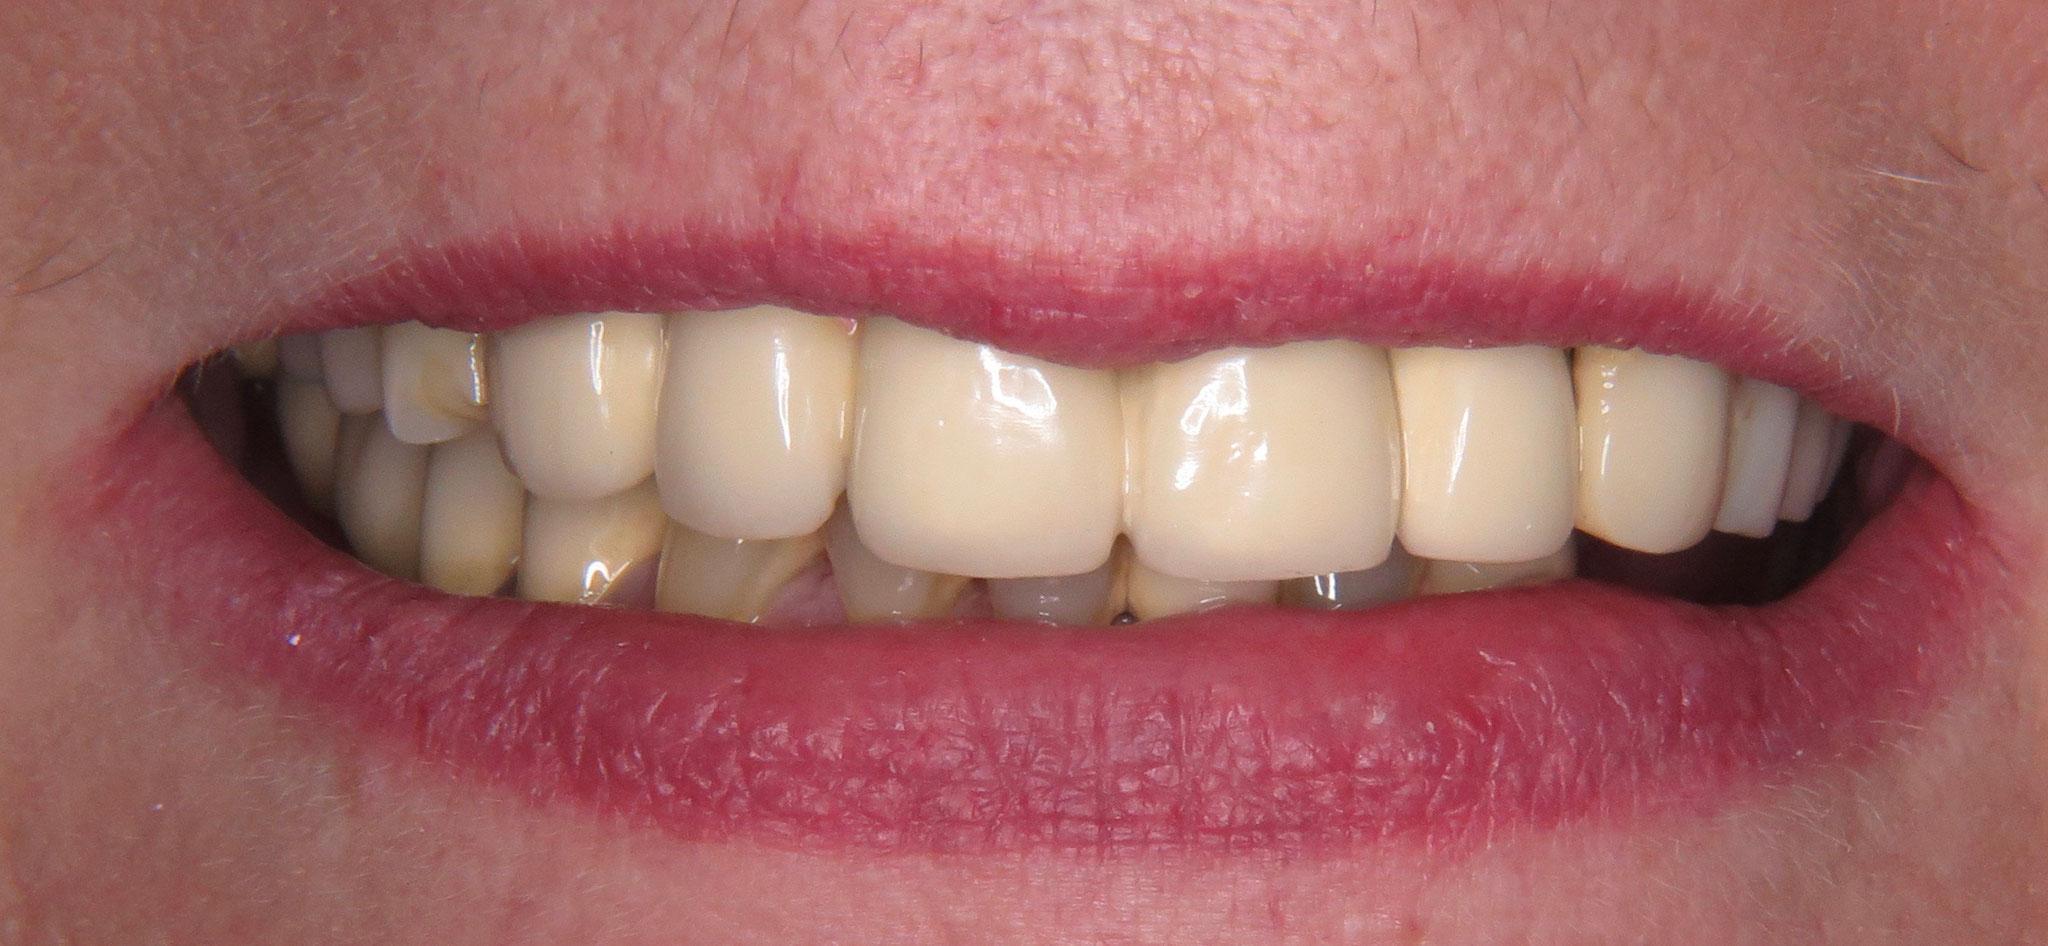 Von der Teilprothese zu neuen festen Zähnen - Praxis für